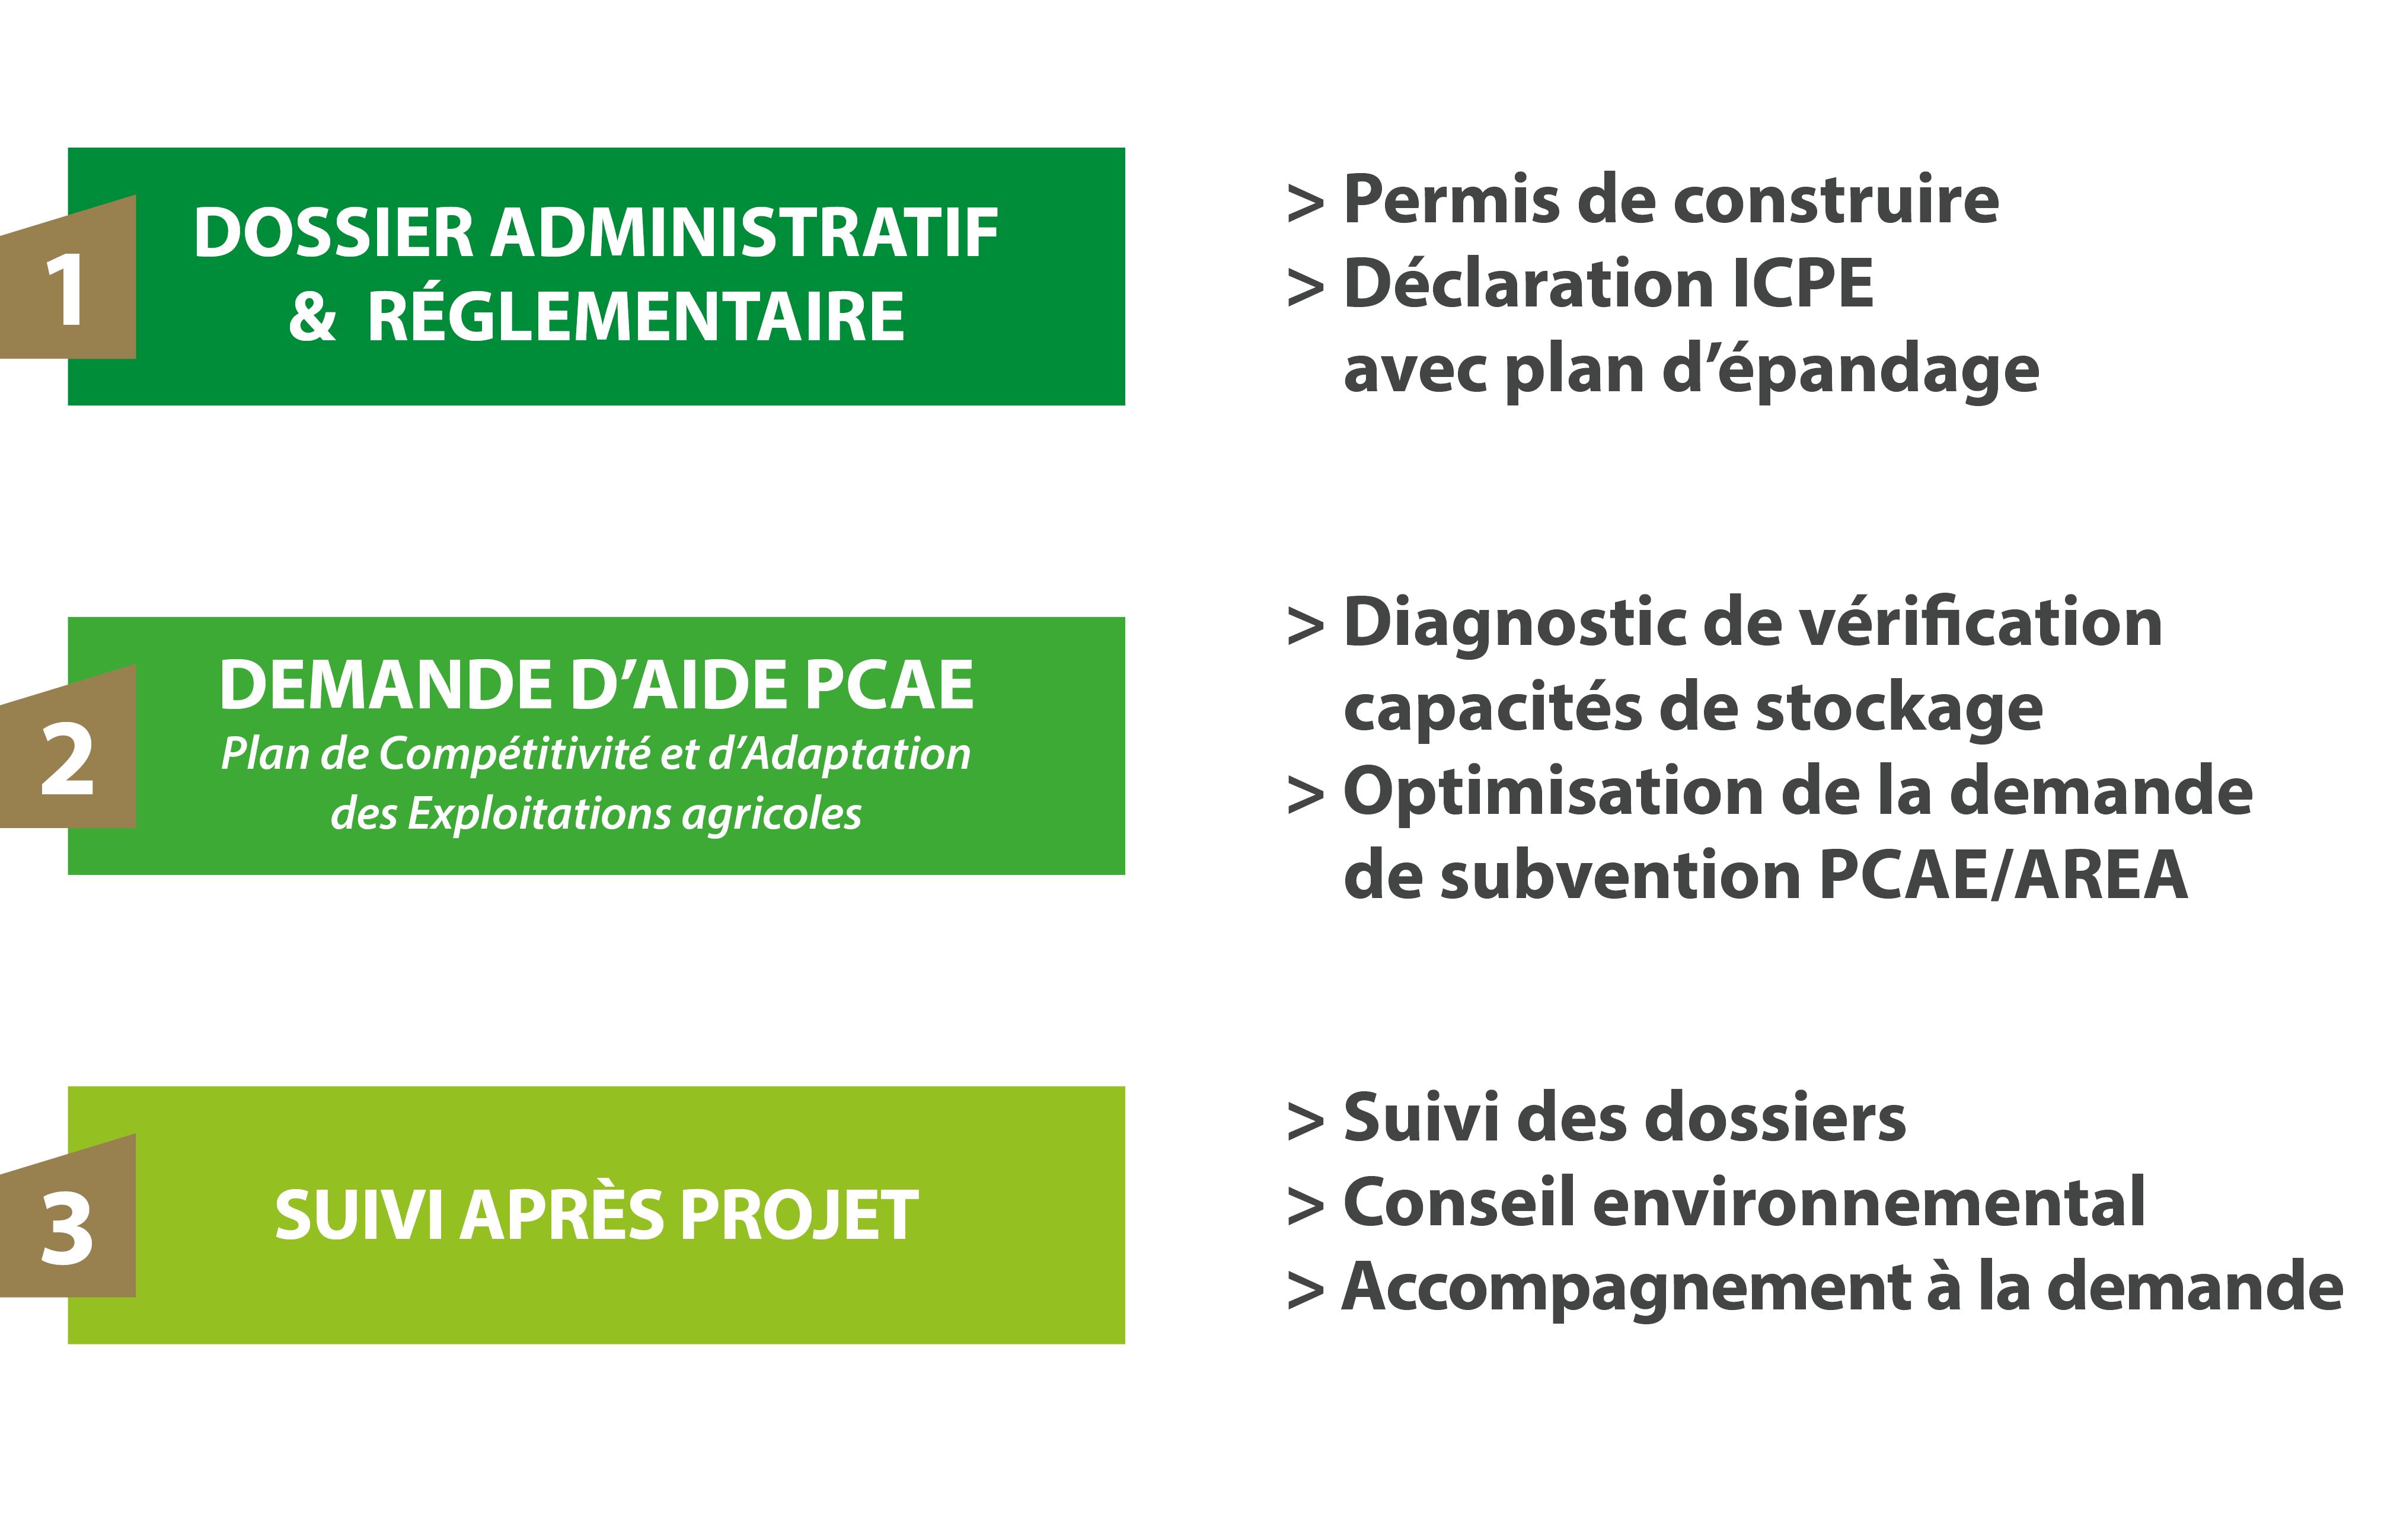 batiment-et-environnement-services